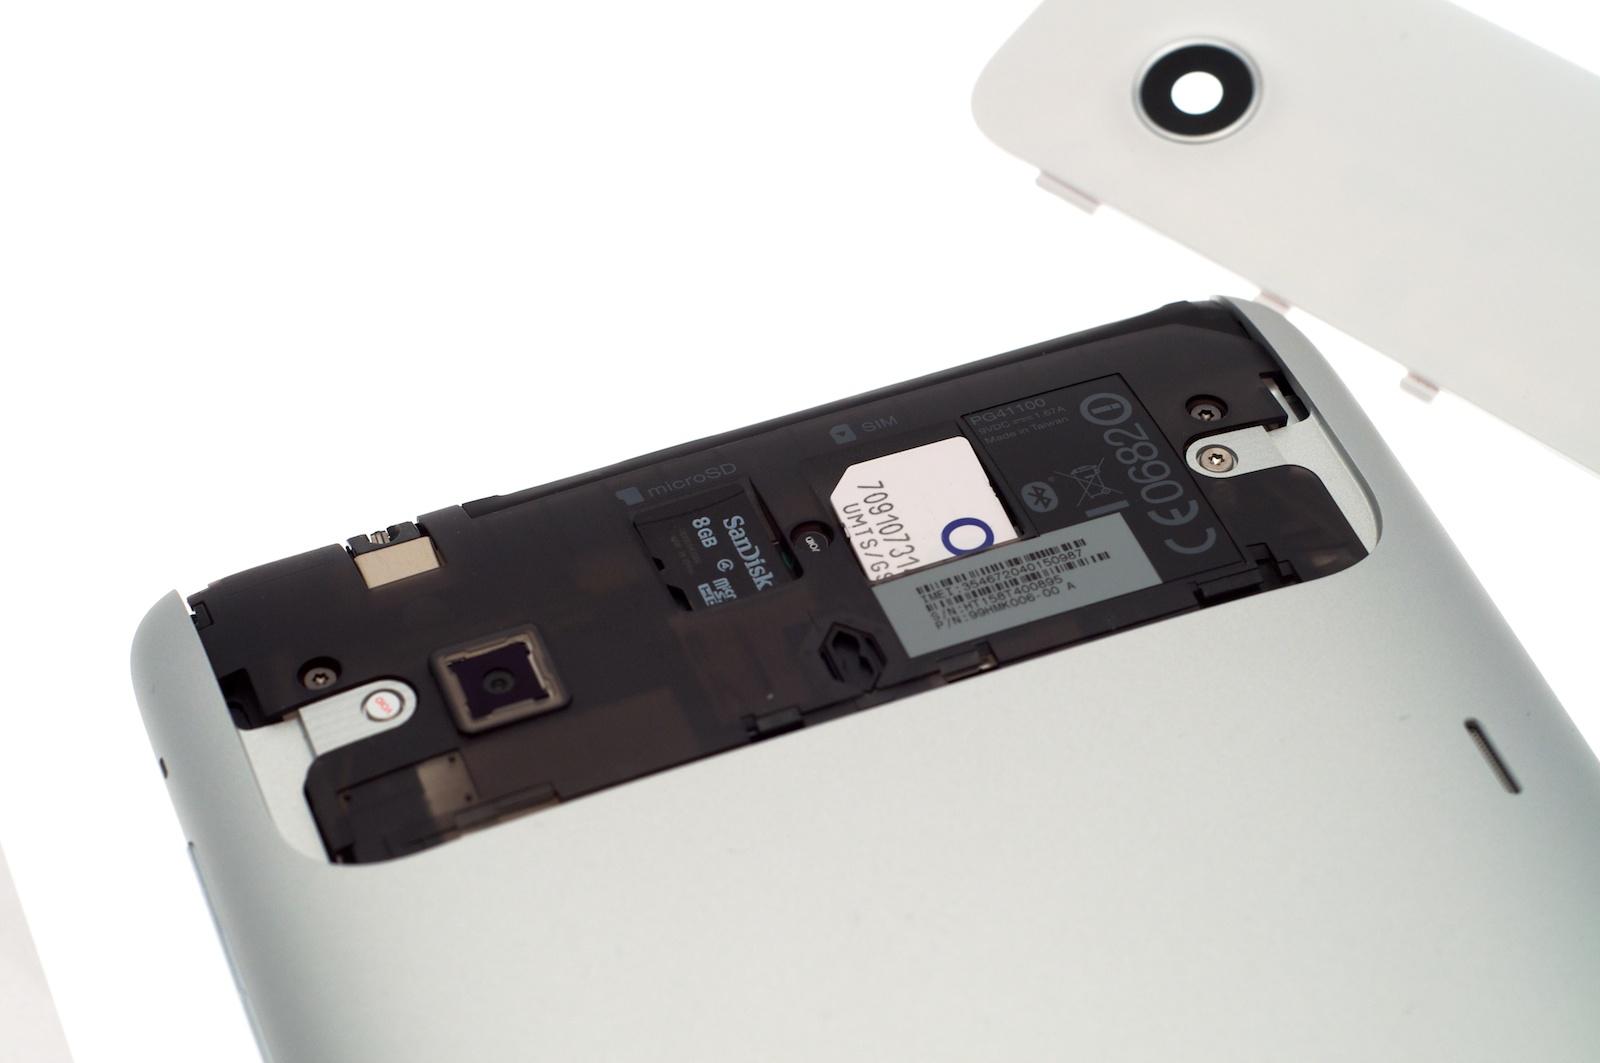 HTC Flyer im Test: Gelungenes Android-Tablet mit eigener Handschrift - Zur Verdeutlichung sind die beiden Karten hier ein wenig herausgezogen worden.